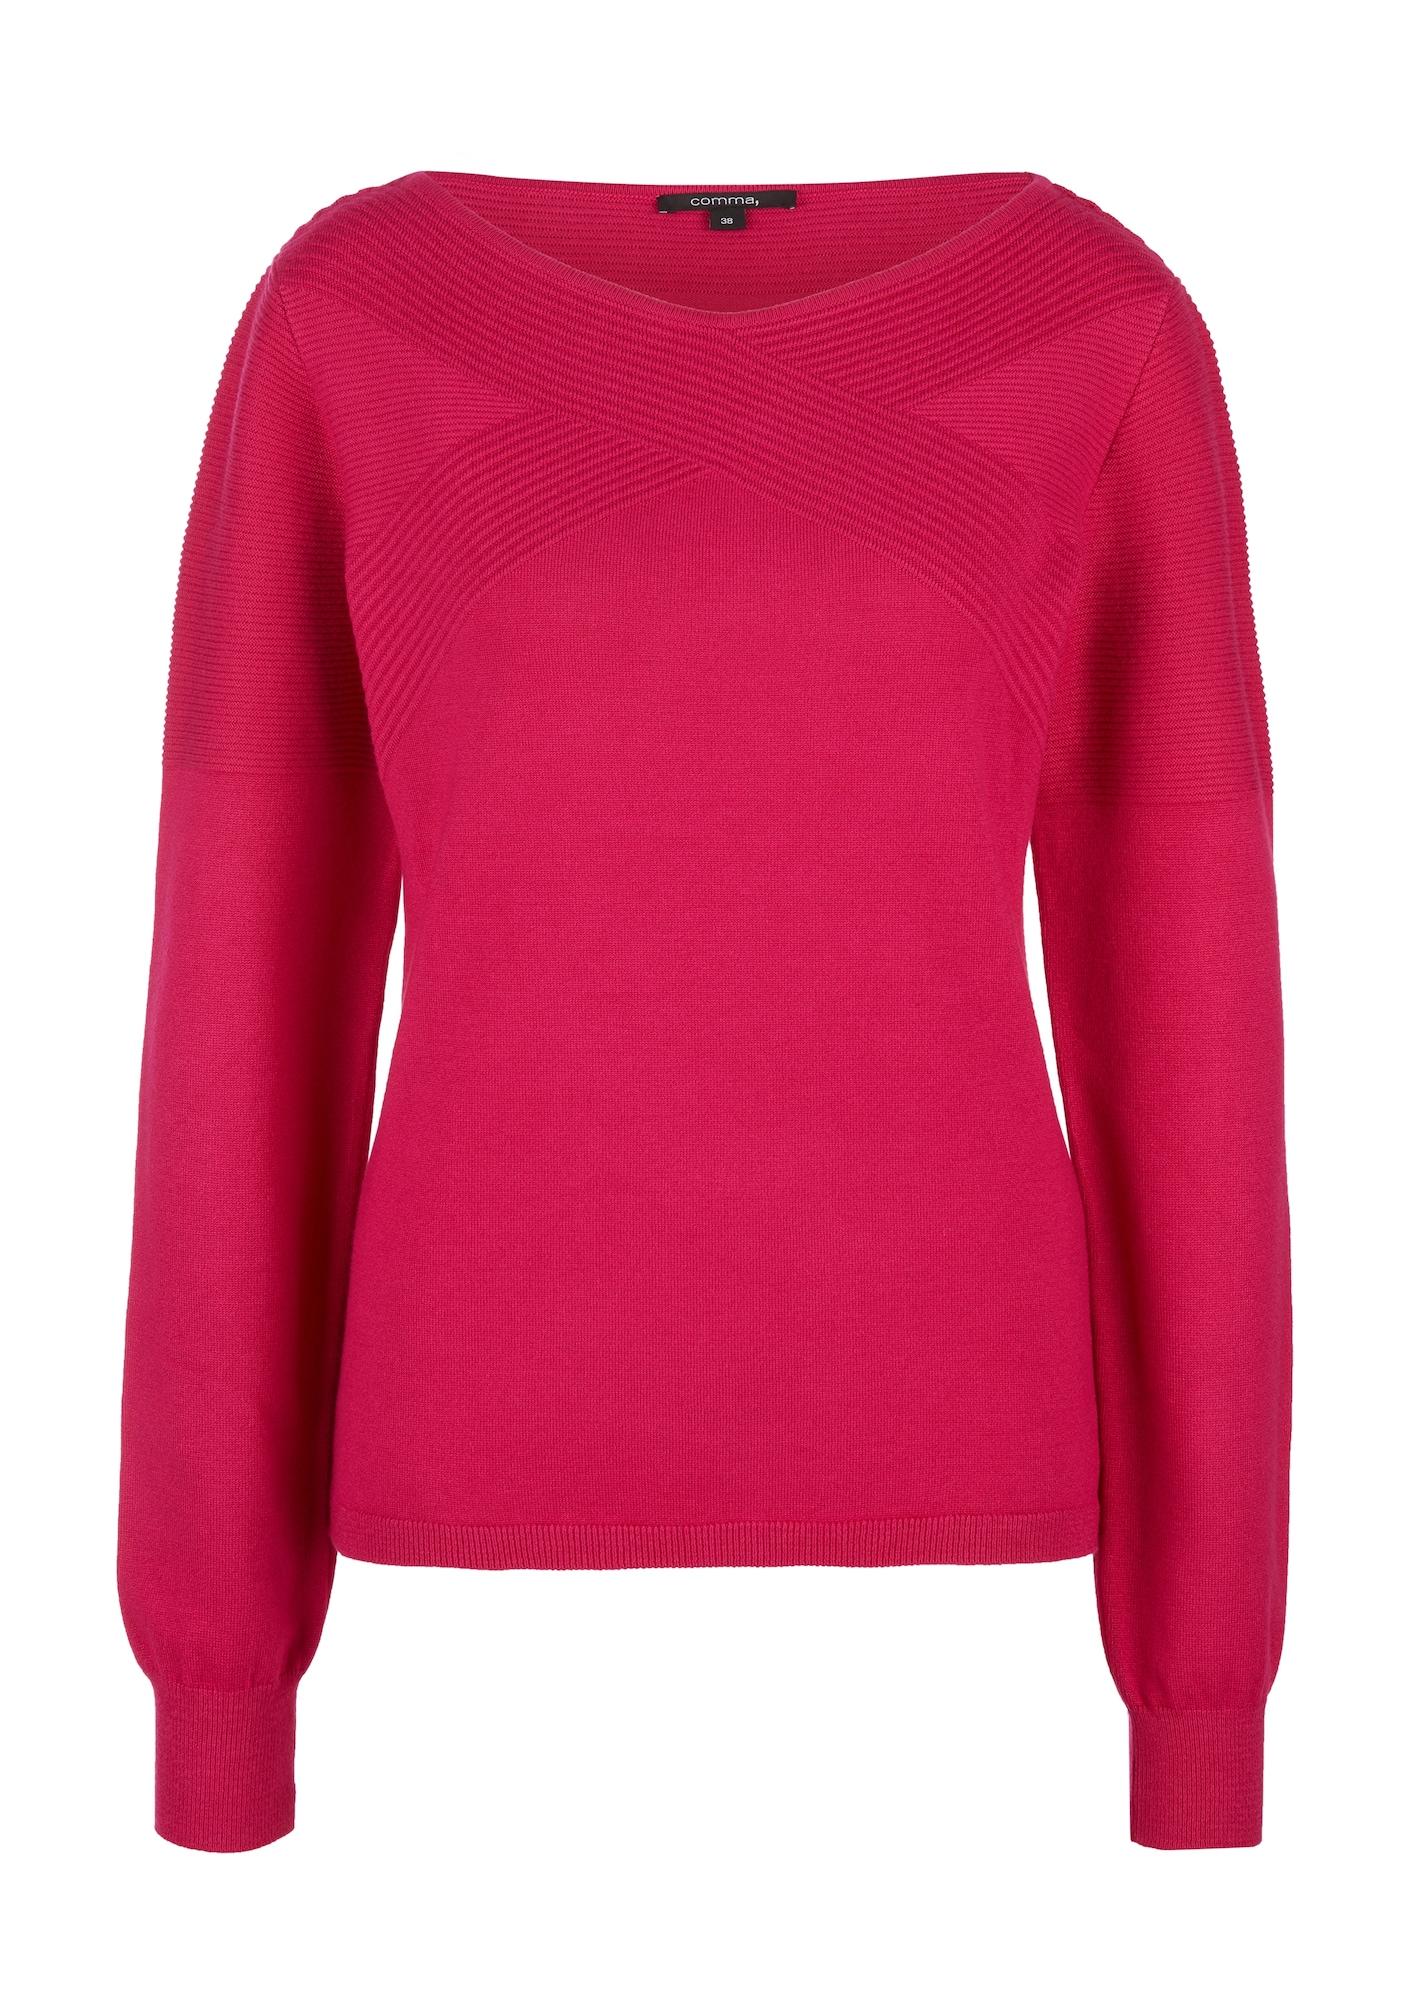 COMMA Megztinis rožinė